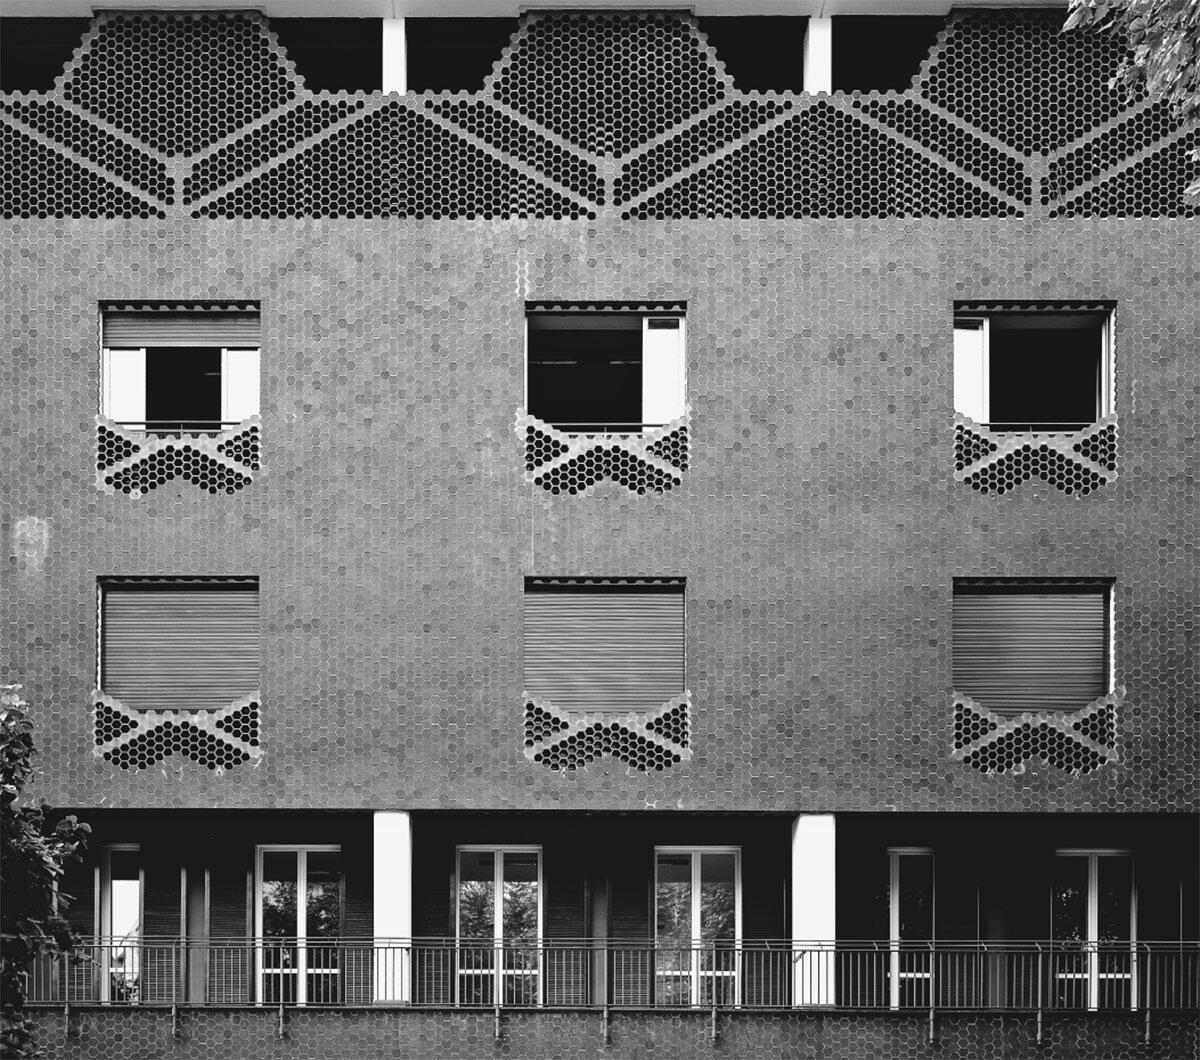 Schaufassade an der Via Sambuco. Im Dachgeschoss befinden sich die Zellen der Nonnen mit einer gemeinsamen Loggia hinter dem halbtransparenten Hohlziegelvorhang.